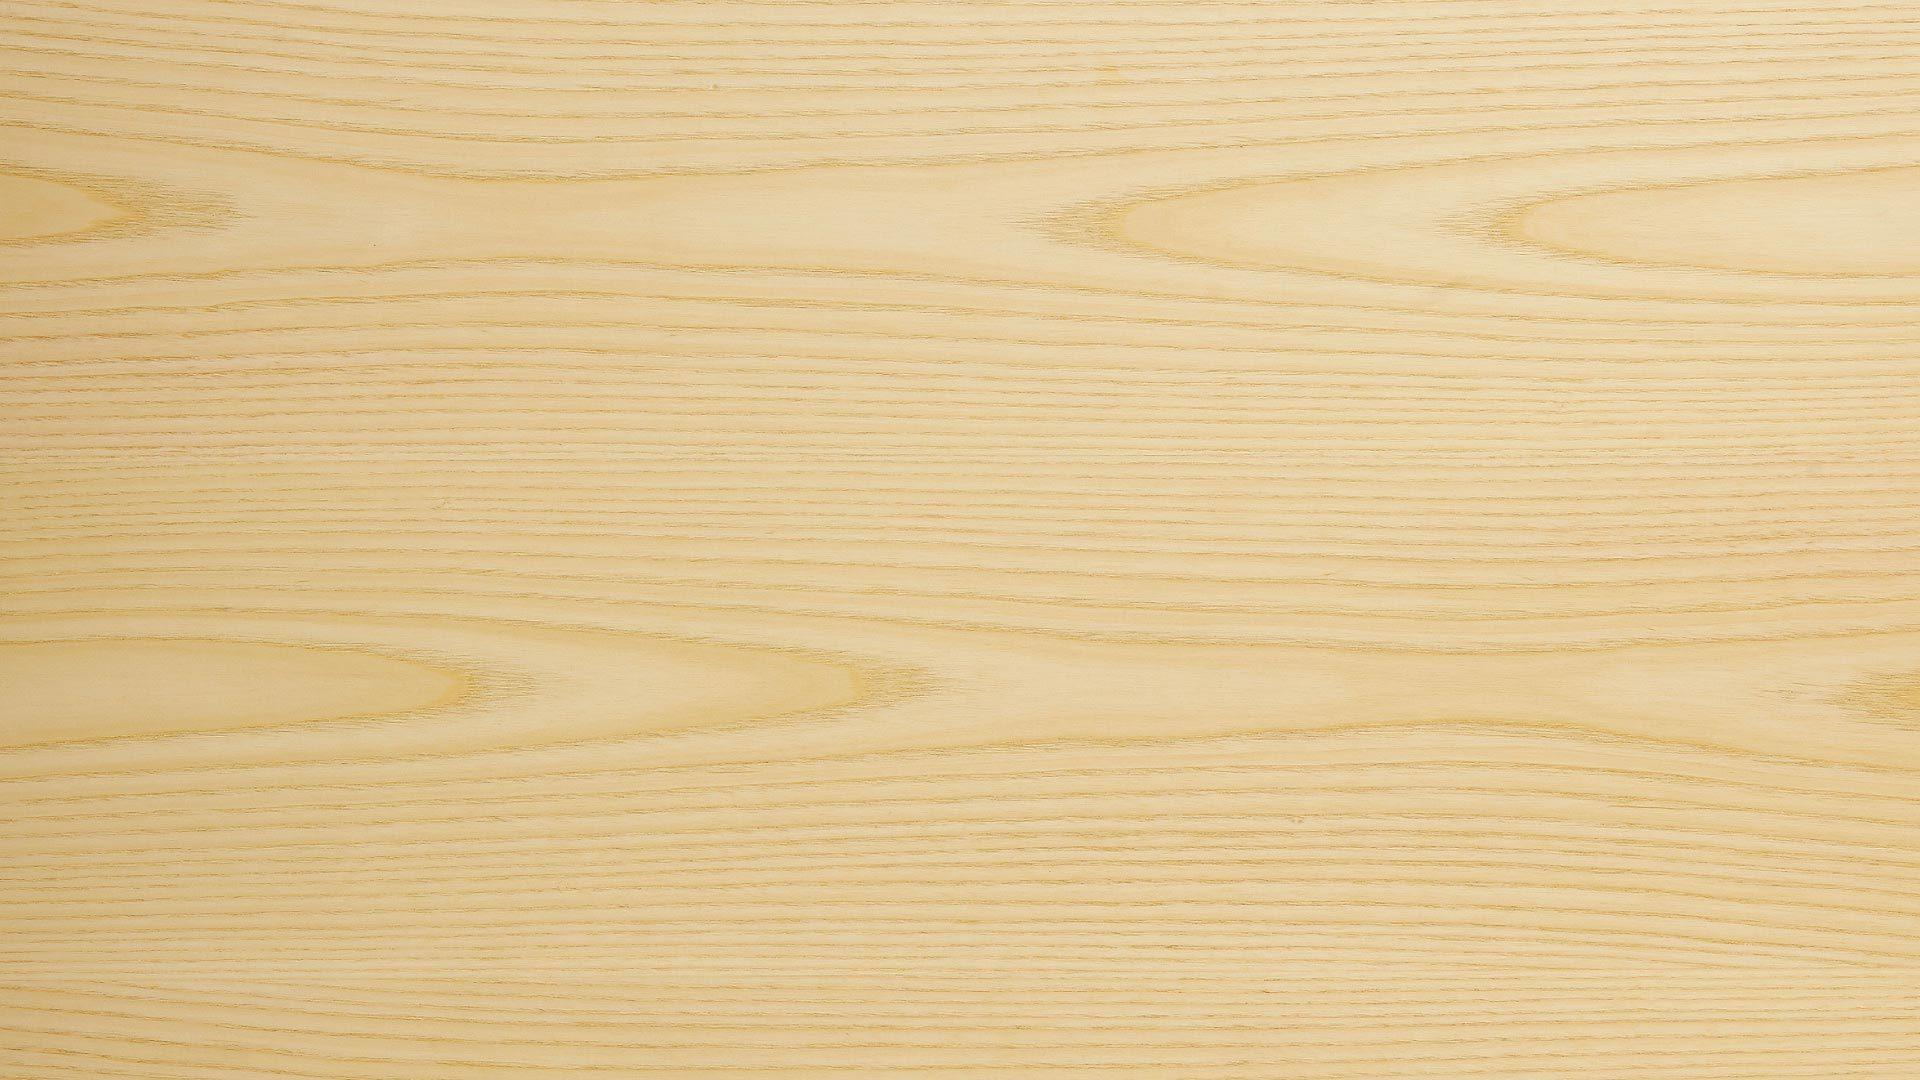 进口白蜡木皮,触得天然木材优美生命